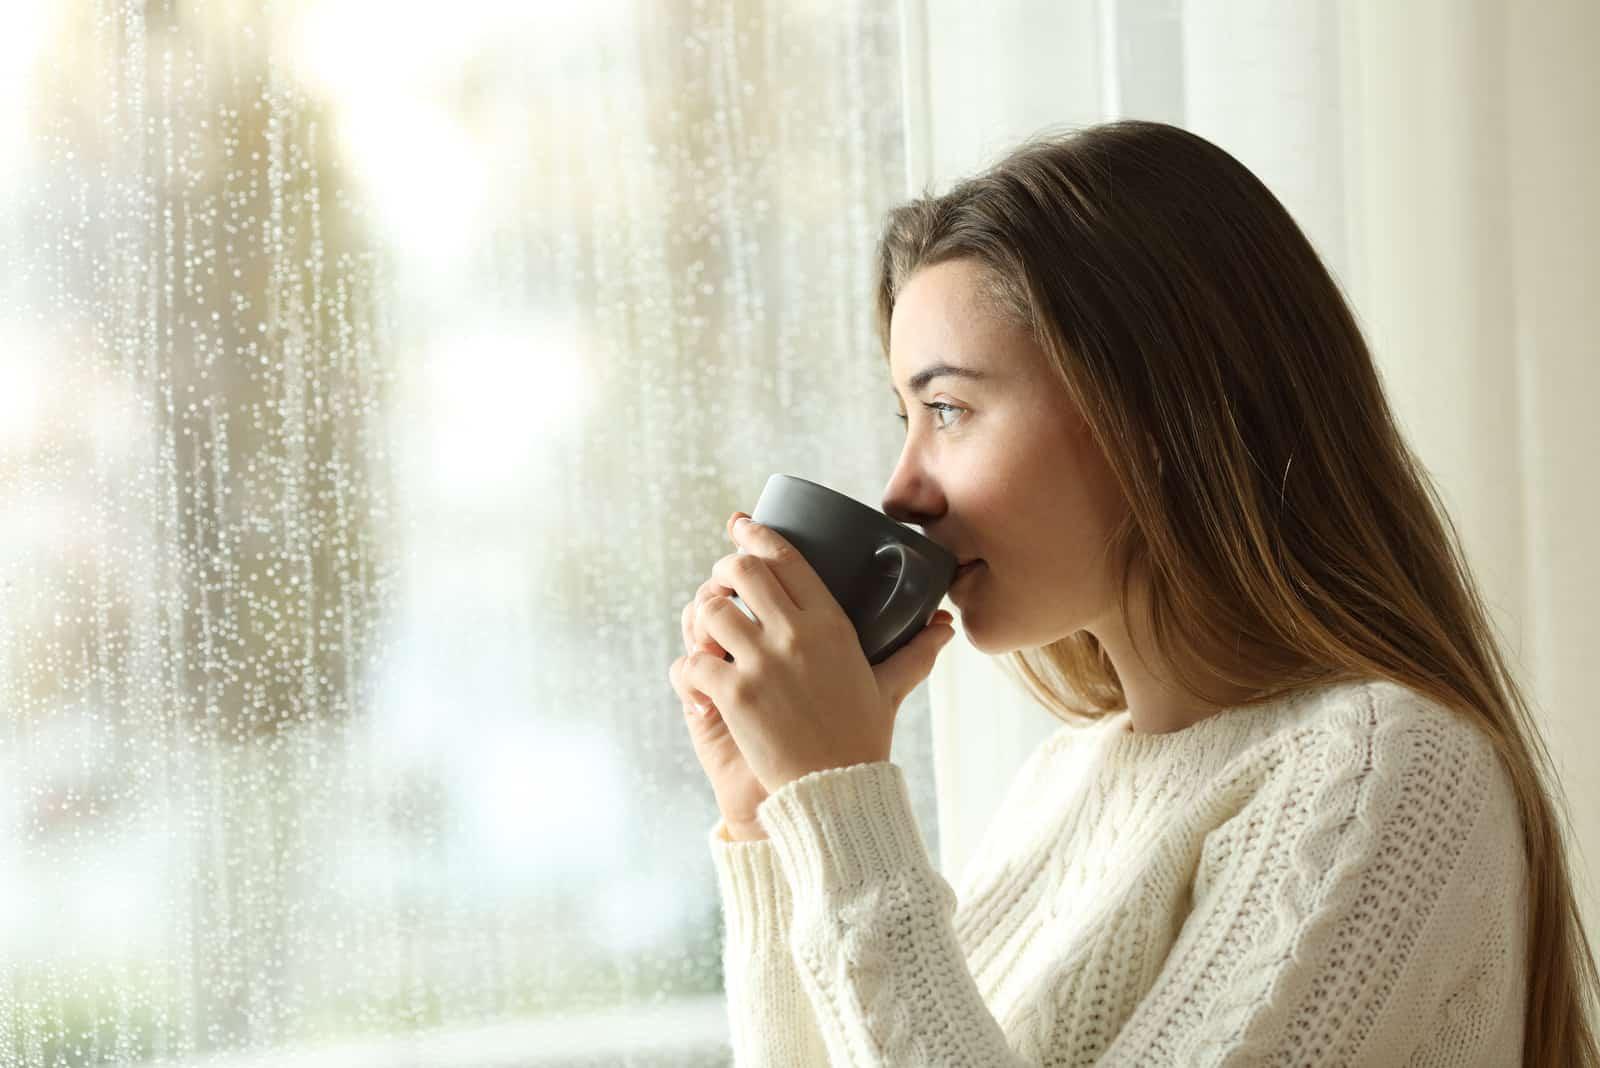 kvinna dricka kaffe tittar utanför genom ett fönster